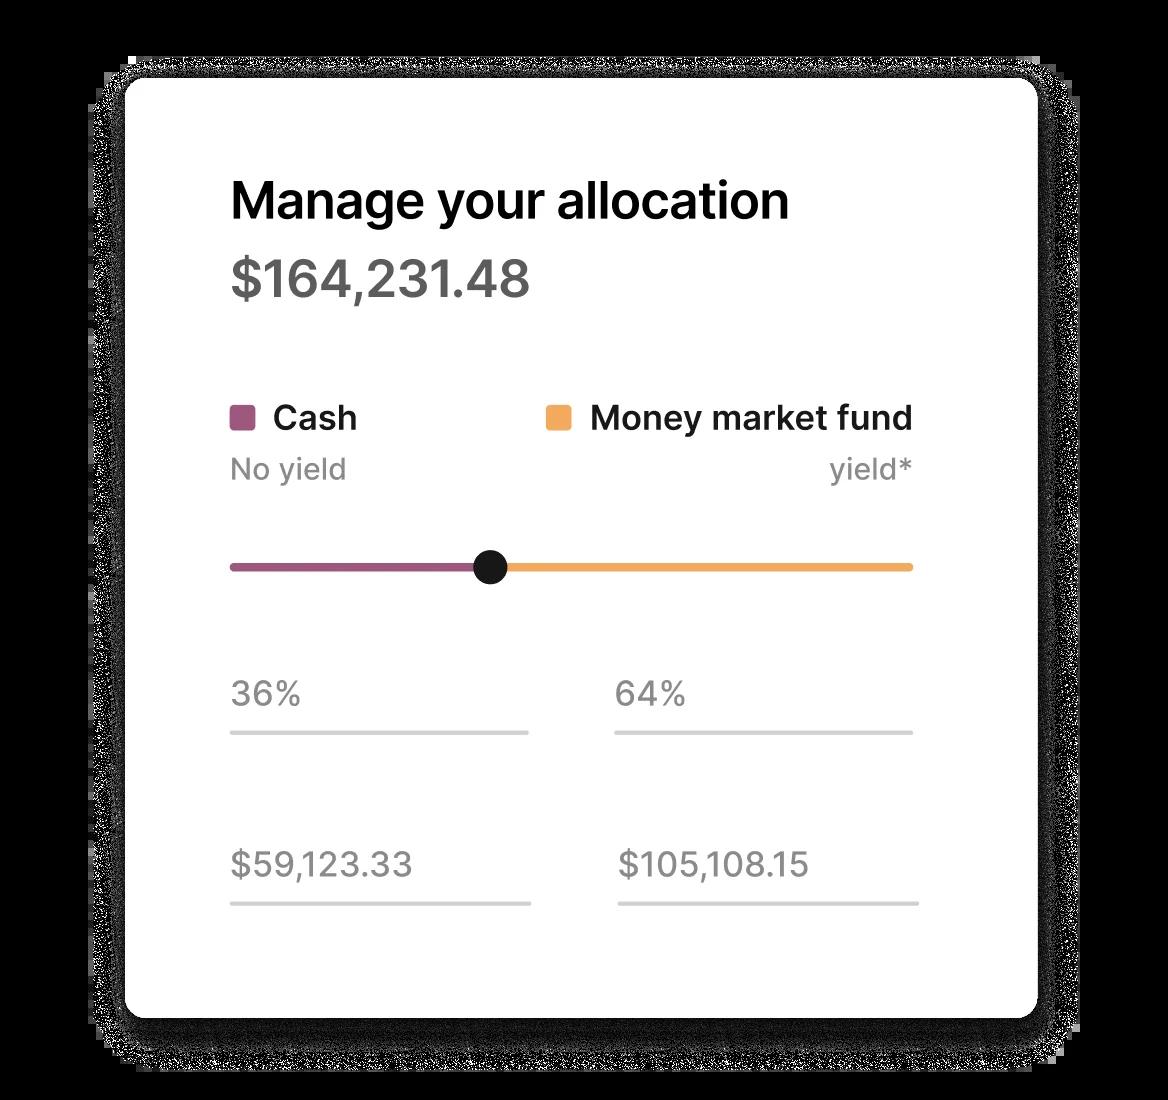 Brex cash FDIC fund allocation